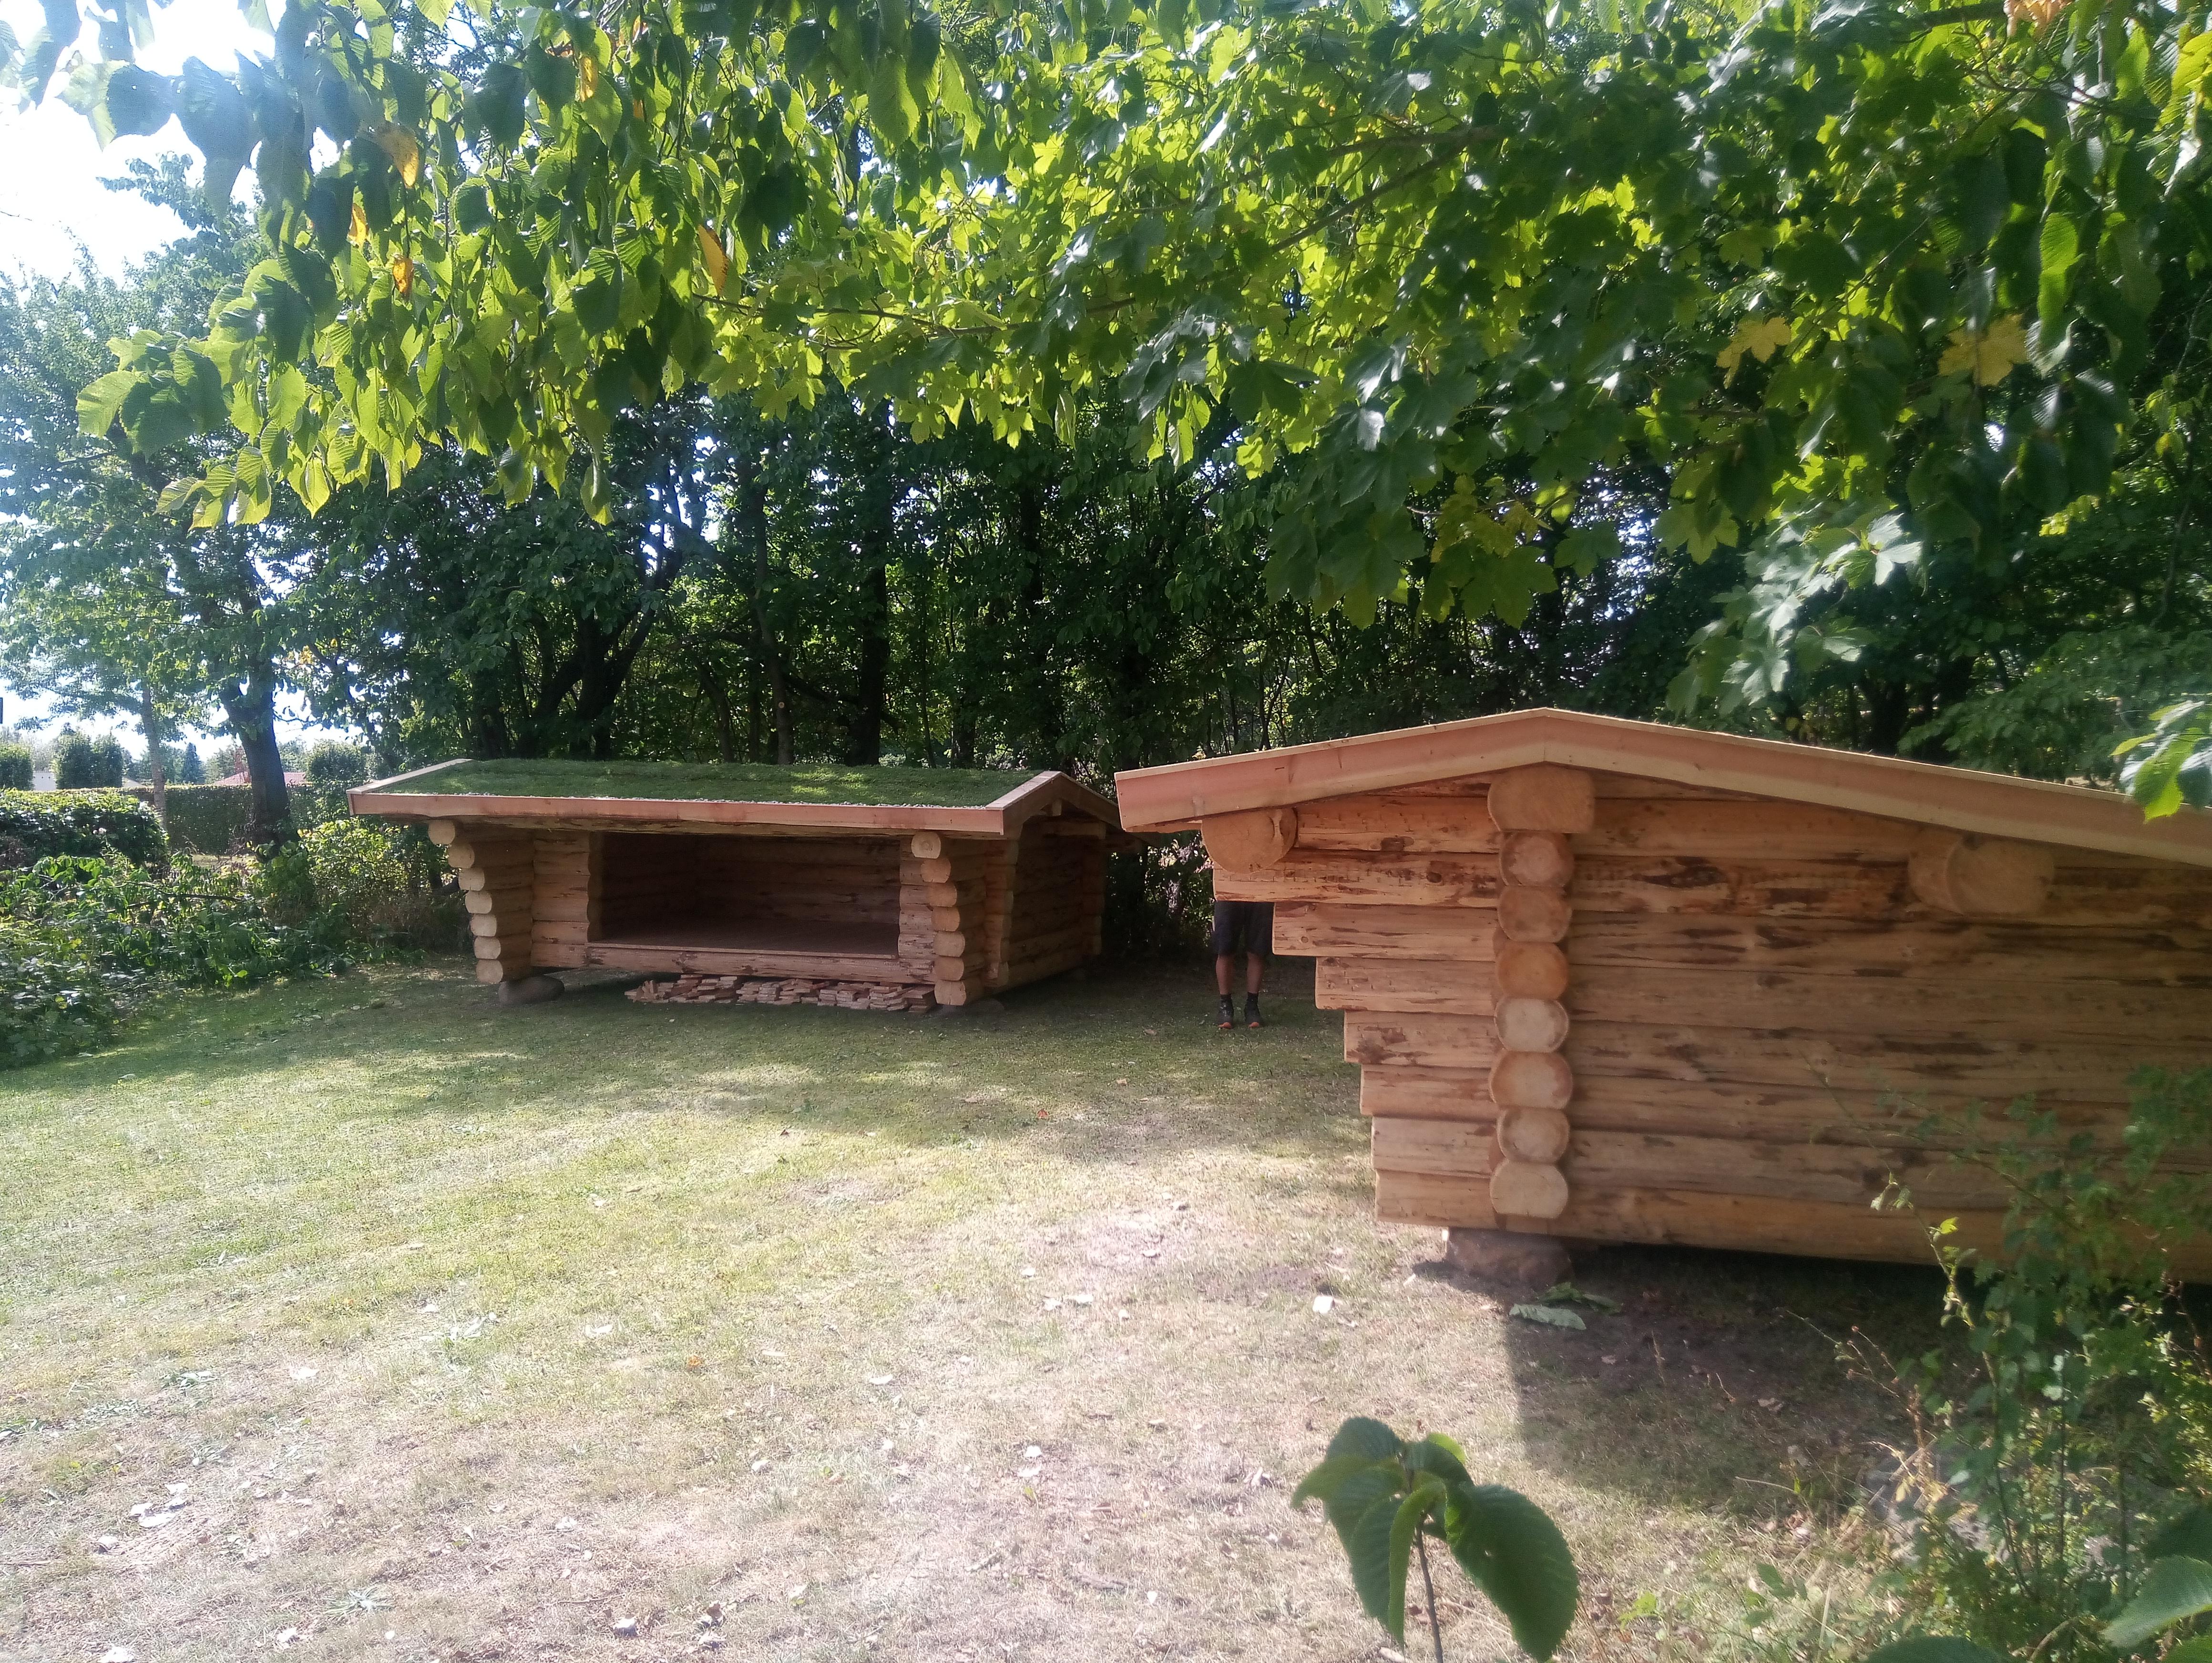 Fuldtømmershelters i 7-tommer tømmer